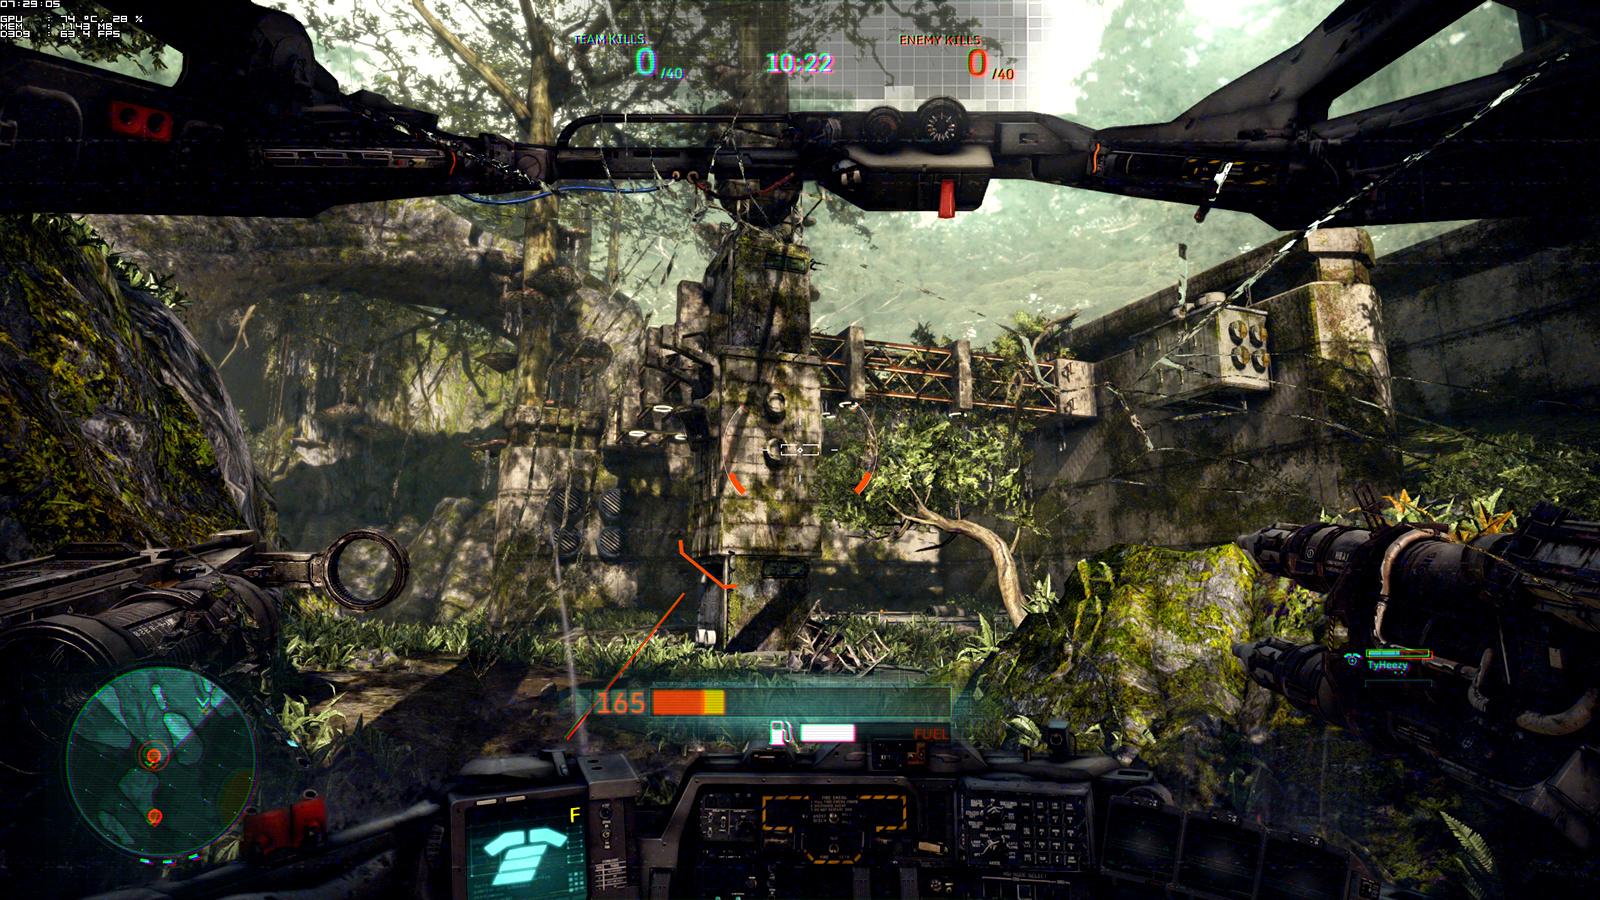 Betatest Hawken: Der F2P-UE3-Indie-Mech-Shooter - Hawken nutzt die Unreal Engine 3 ... (Screenshot: Marc Sauter/Golem.de)